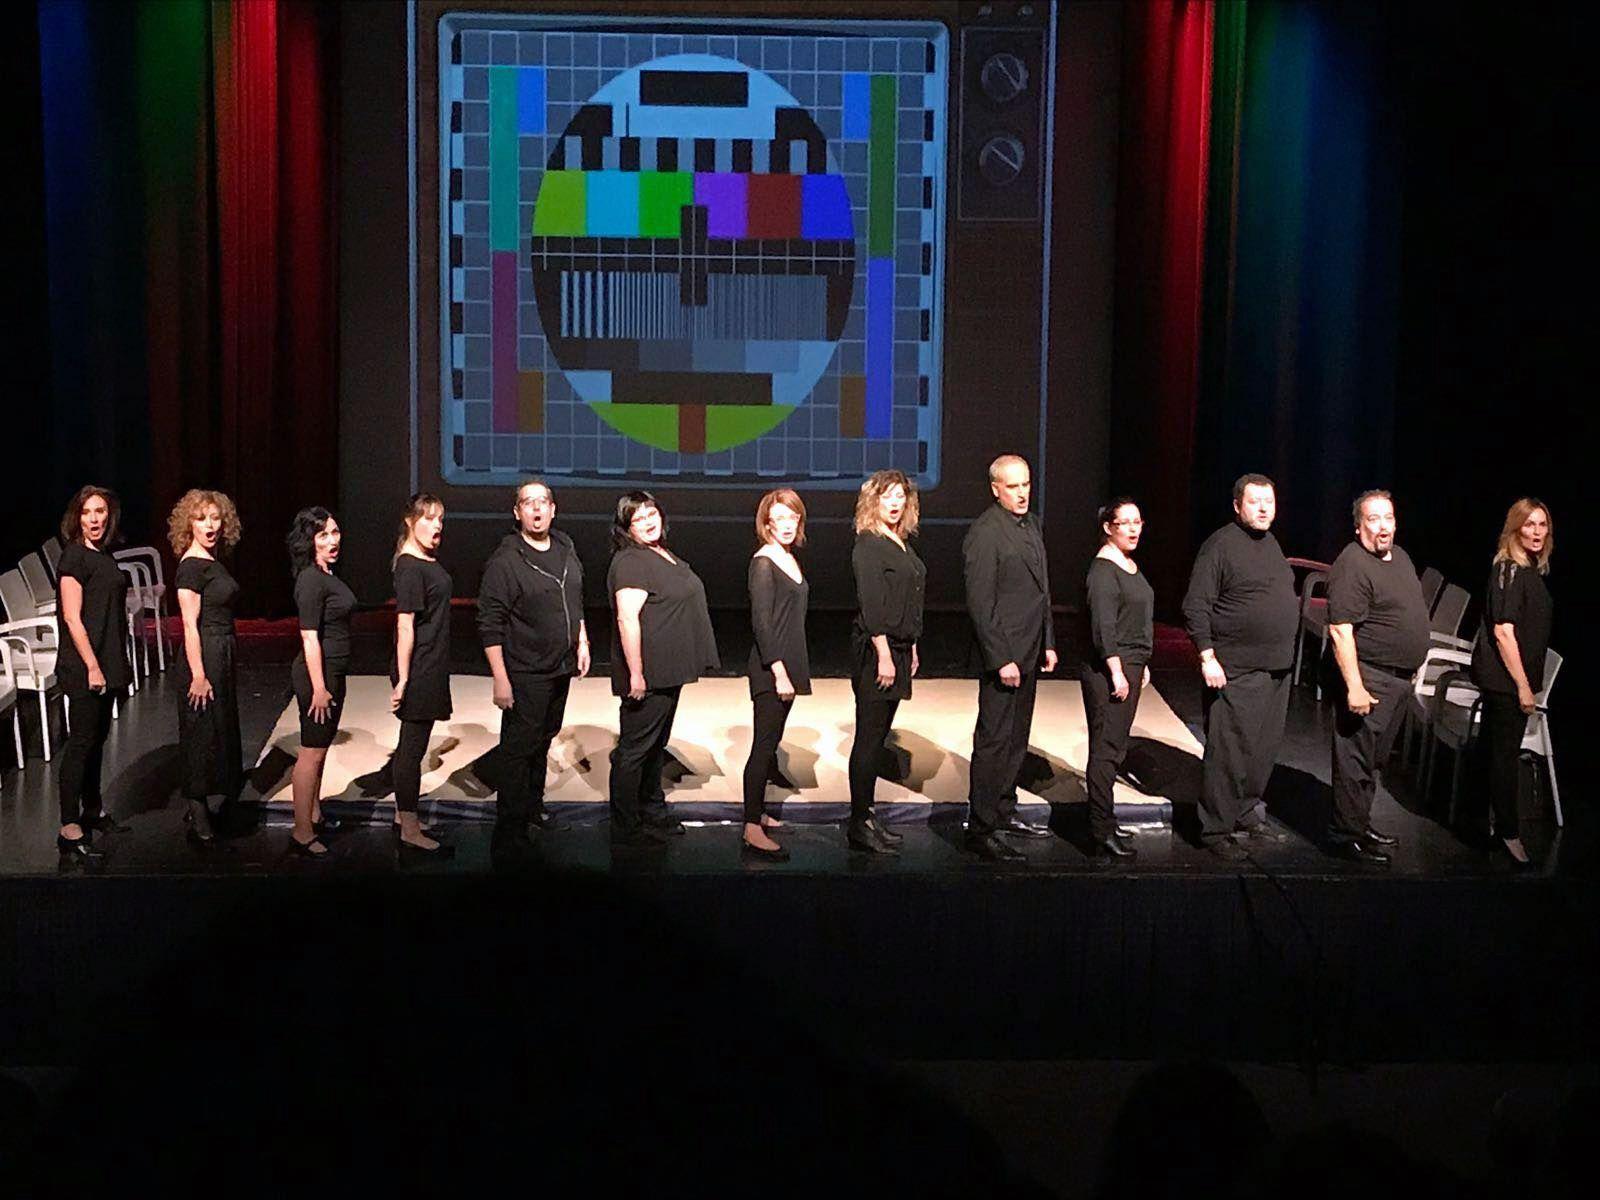 Nanocosmos Teatre surt satisfet de l'estrena d'Spot el cap de setmana passat al Centre Cultural